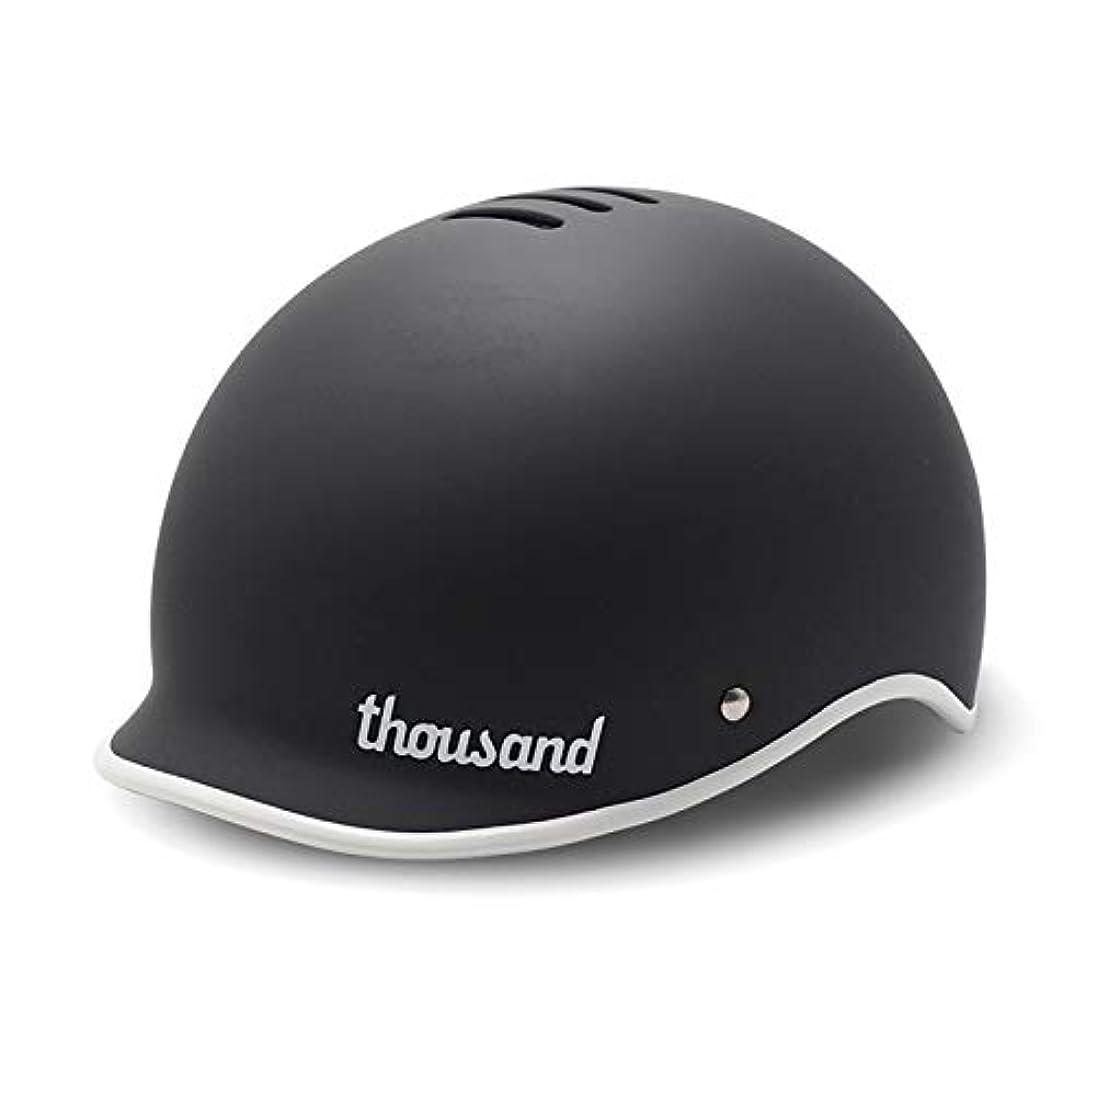 森林収穫項目Thousand - Heritage Collection/Carbon Black With Adjuster S Size